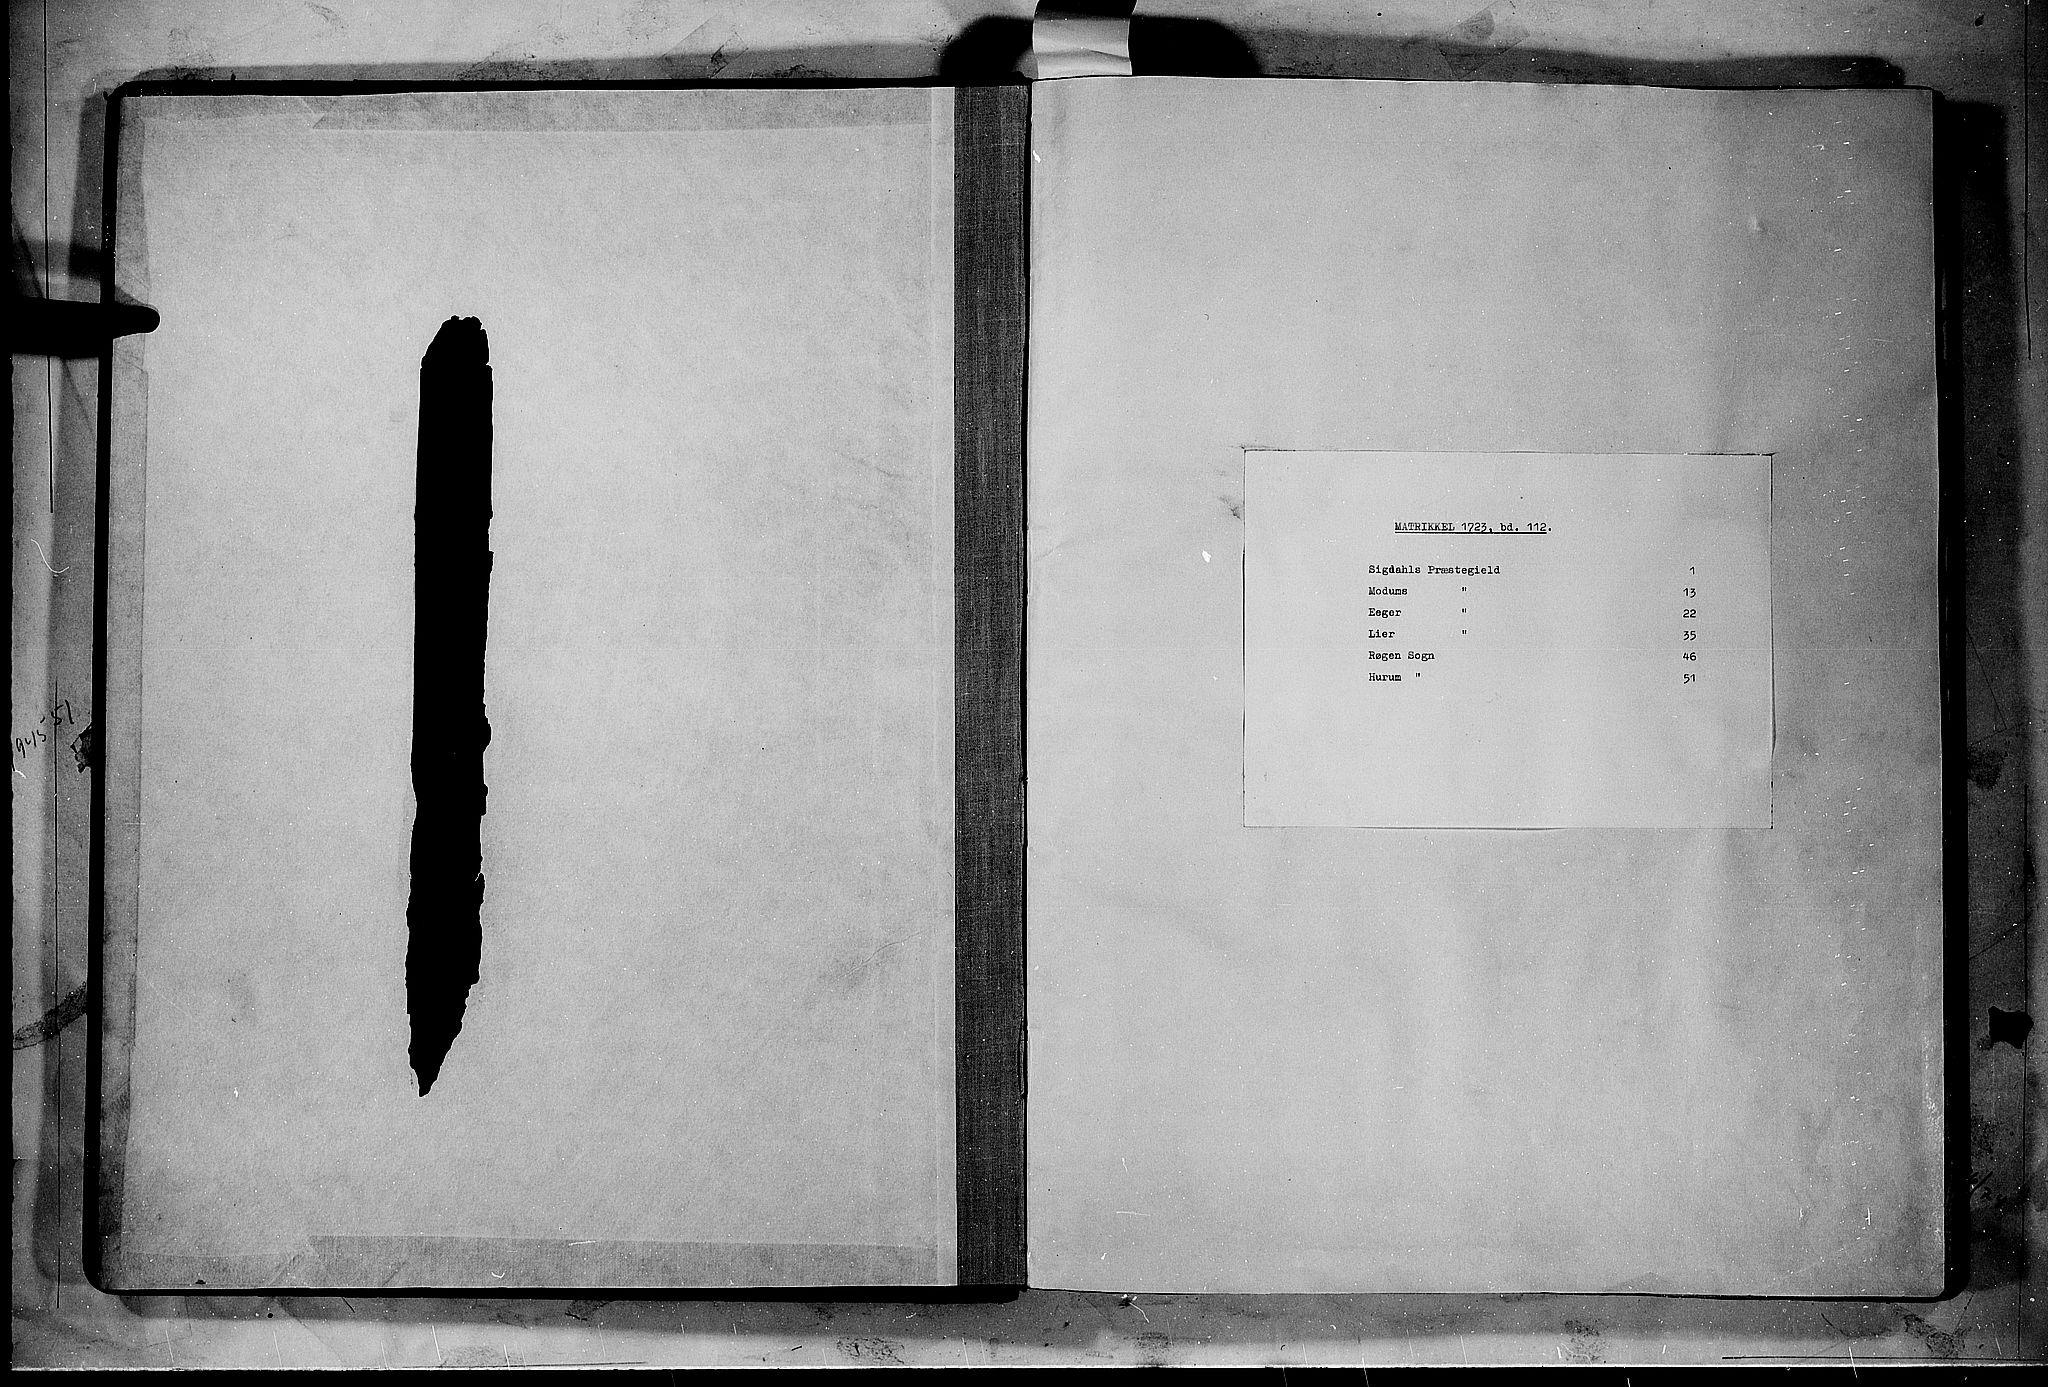 RA, Rentekammeret inntil 1814, Realistisk ordnet avdeling, N/Nb/Nbf/L0112: Buskerud matrikkelprotokoll, 1723, s. upaginert